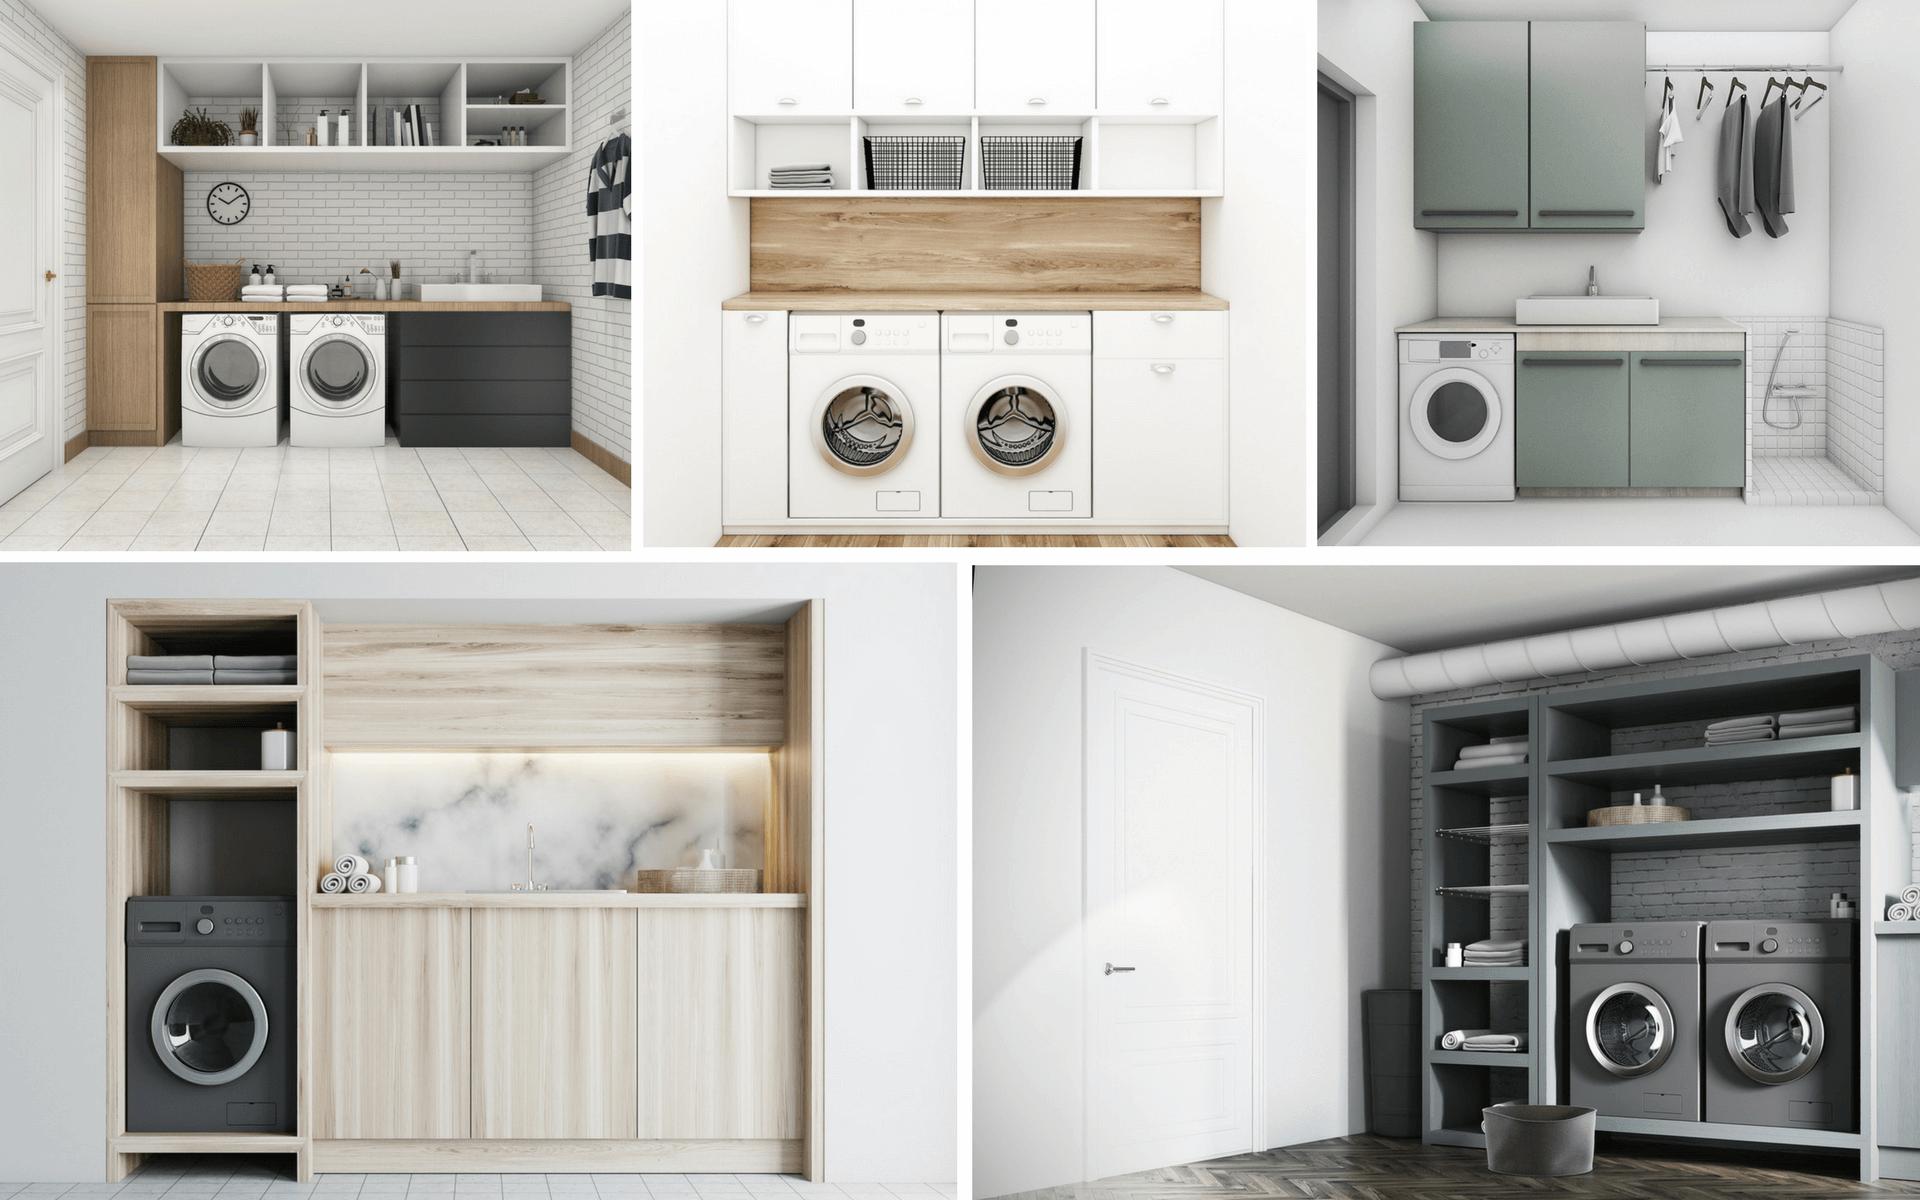 Alcuni suggerimenti per sfruttare al meglio lo spazio nel locale lavanderia